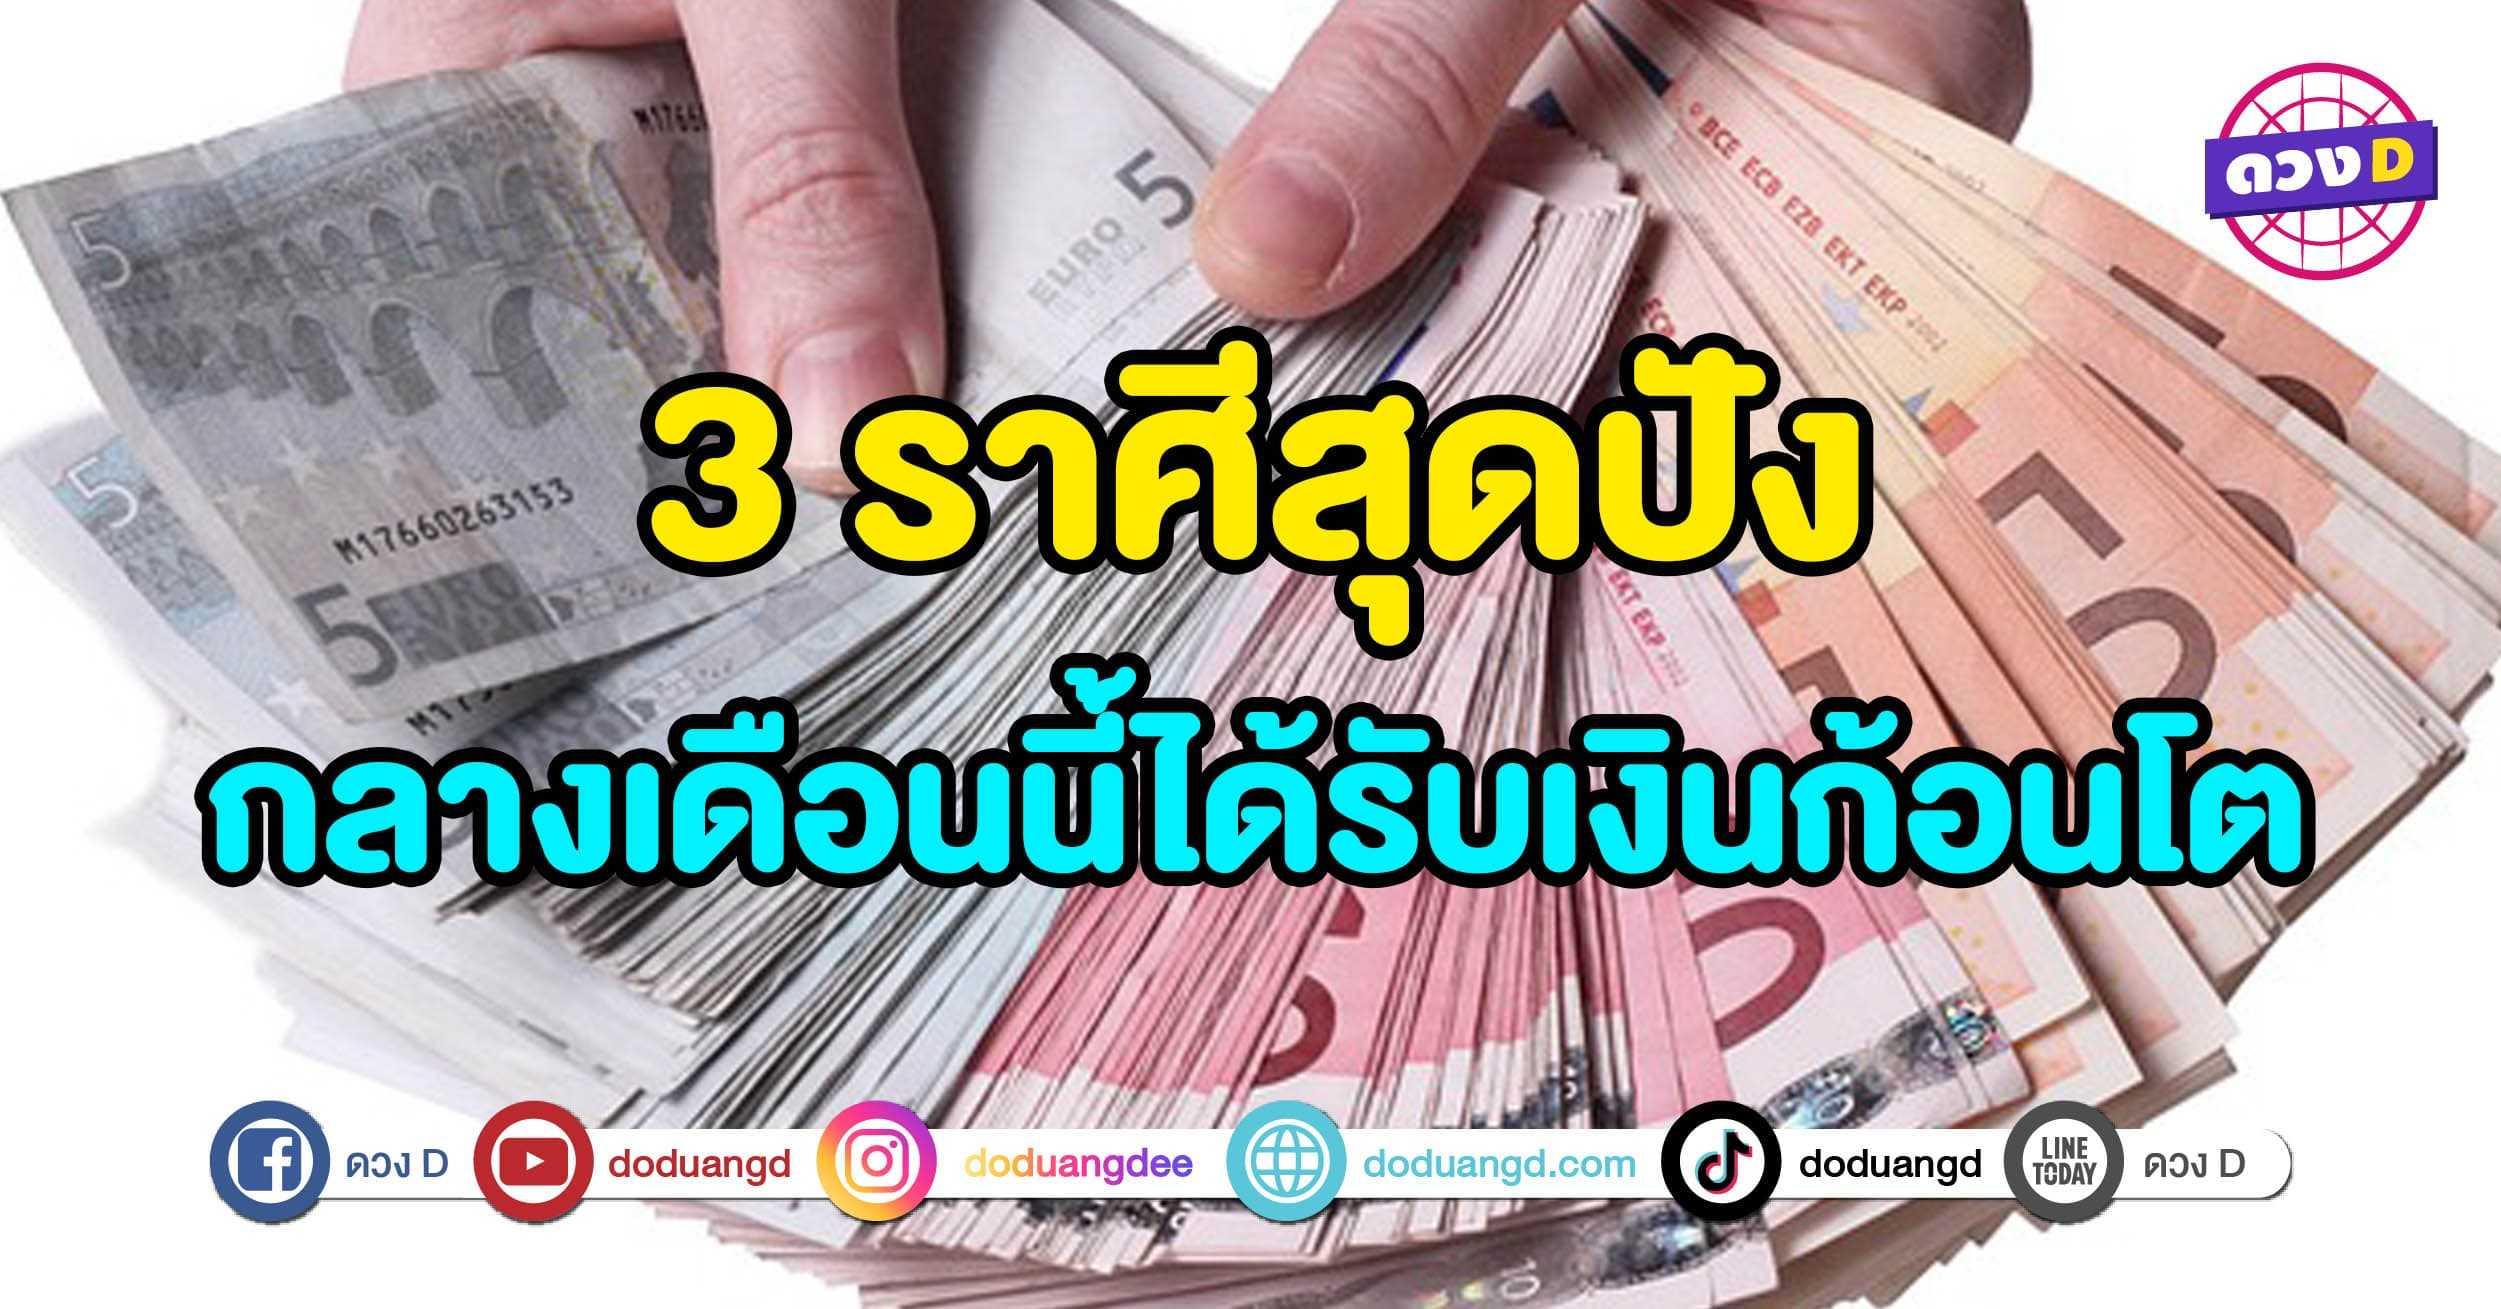 เช็กด่วน!! 3 ราศี ดวงการเงิน สุดปัง กลางเดือนนี้มีเกณฑ์ได้รับเงินก้อนโต